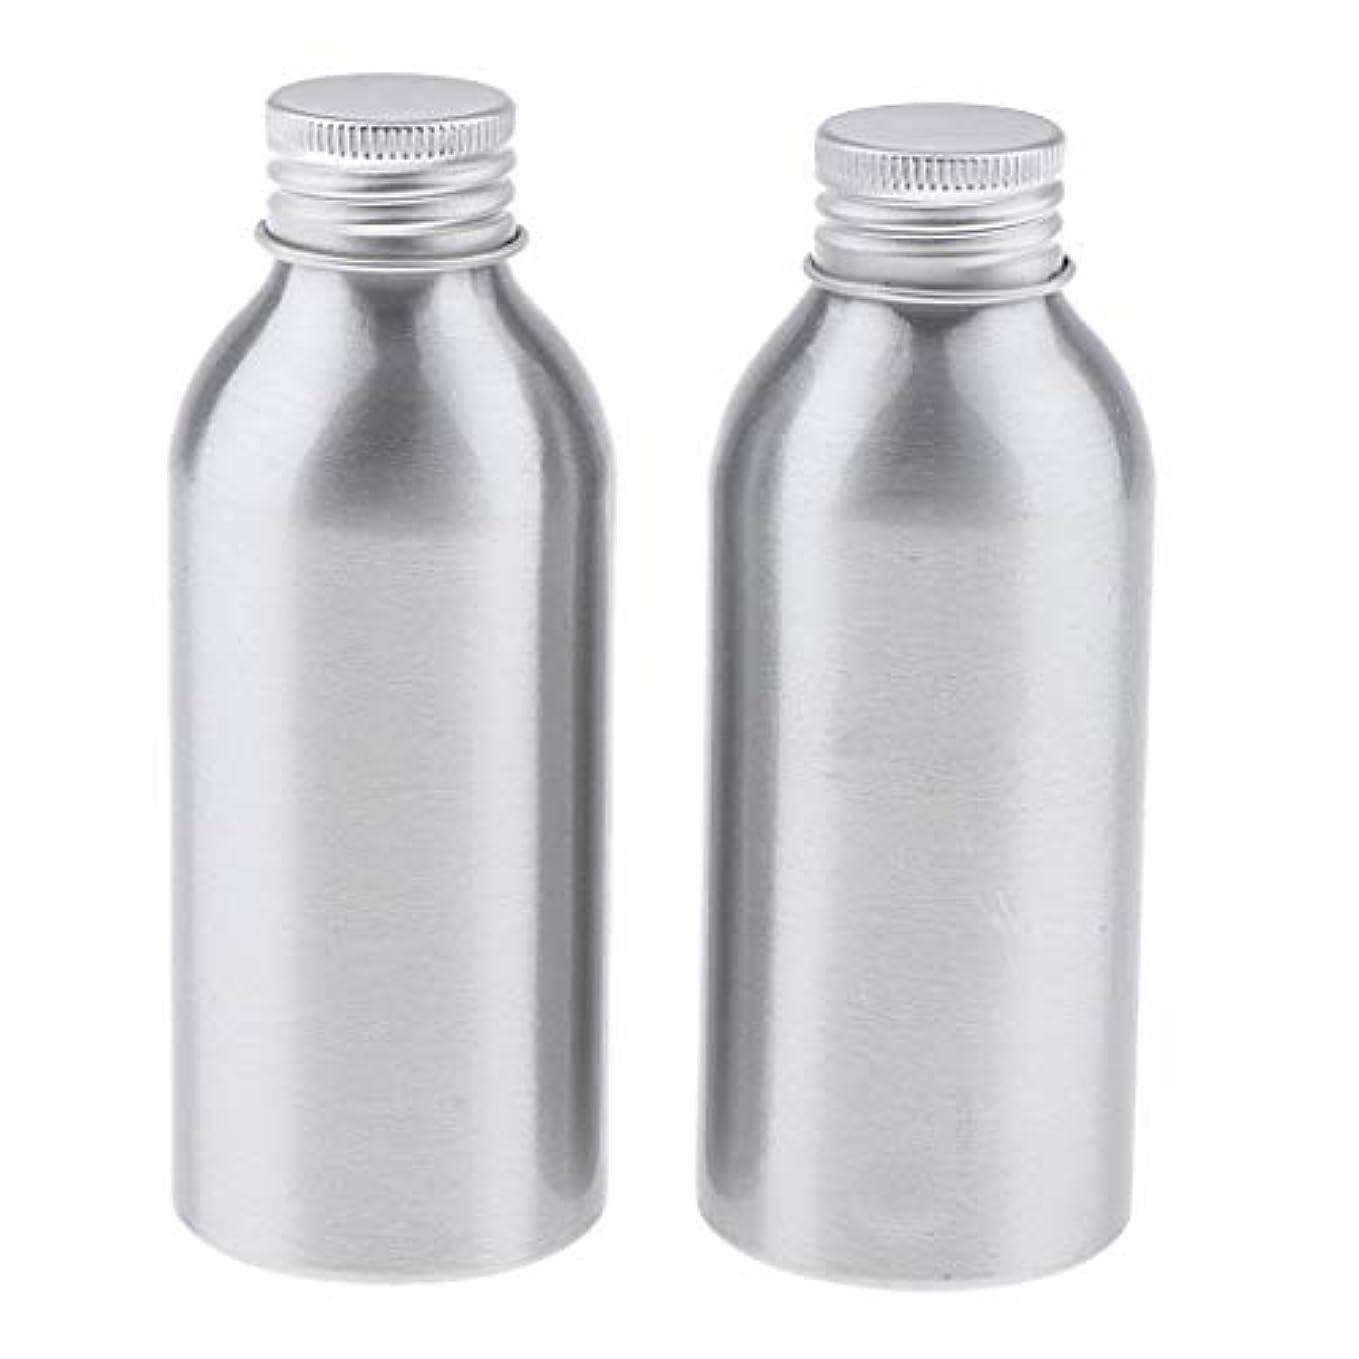 オープナー宣言防腐剤2本 アルミボトル 空容器 化粧品収納容器 ディスペンサーボトル シルバー 全5サイズ - 120ml